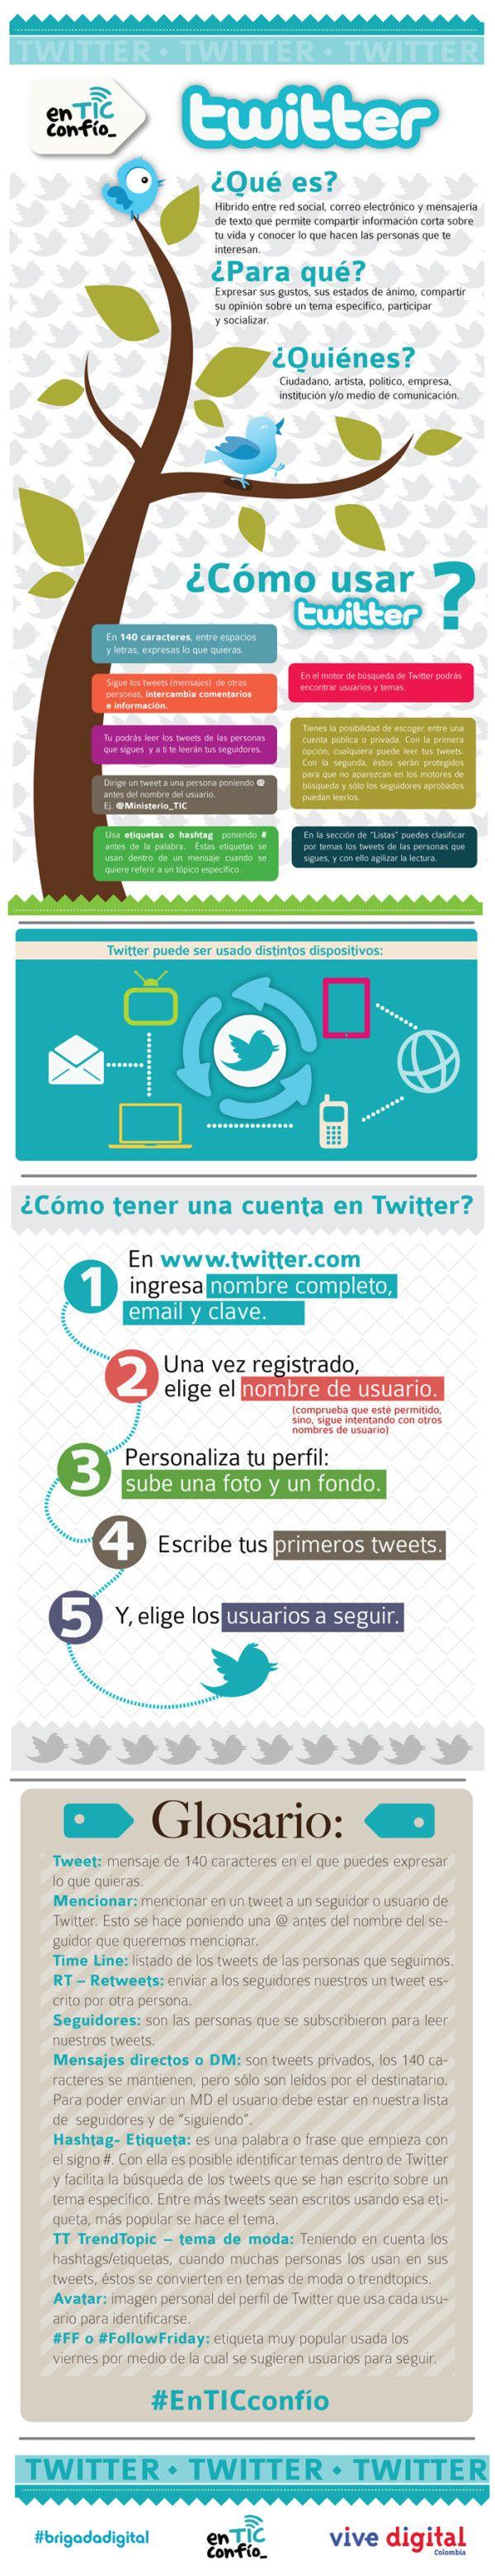 Qué es y para qué sirve Twitter #infografia #infographic #socialmedia